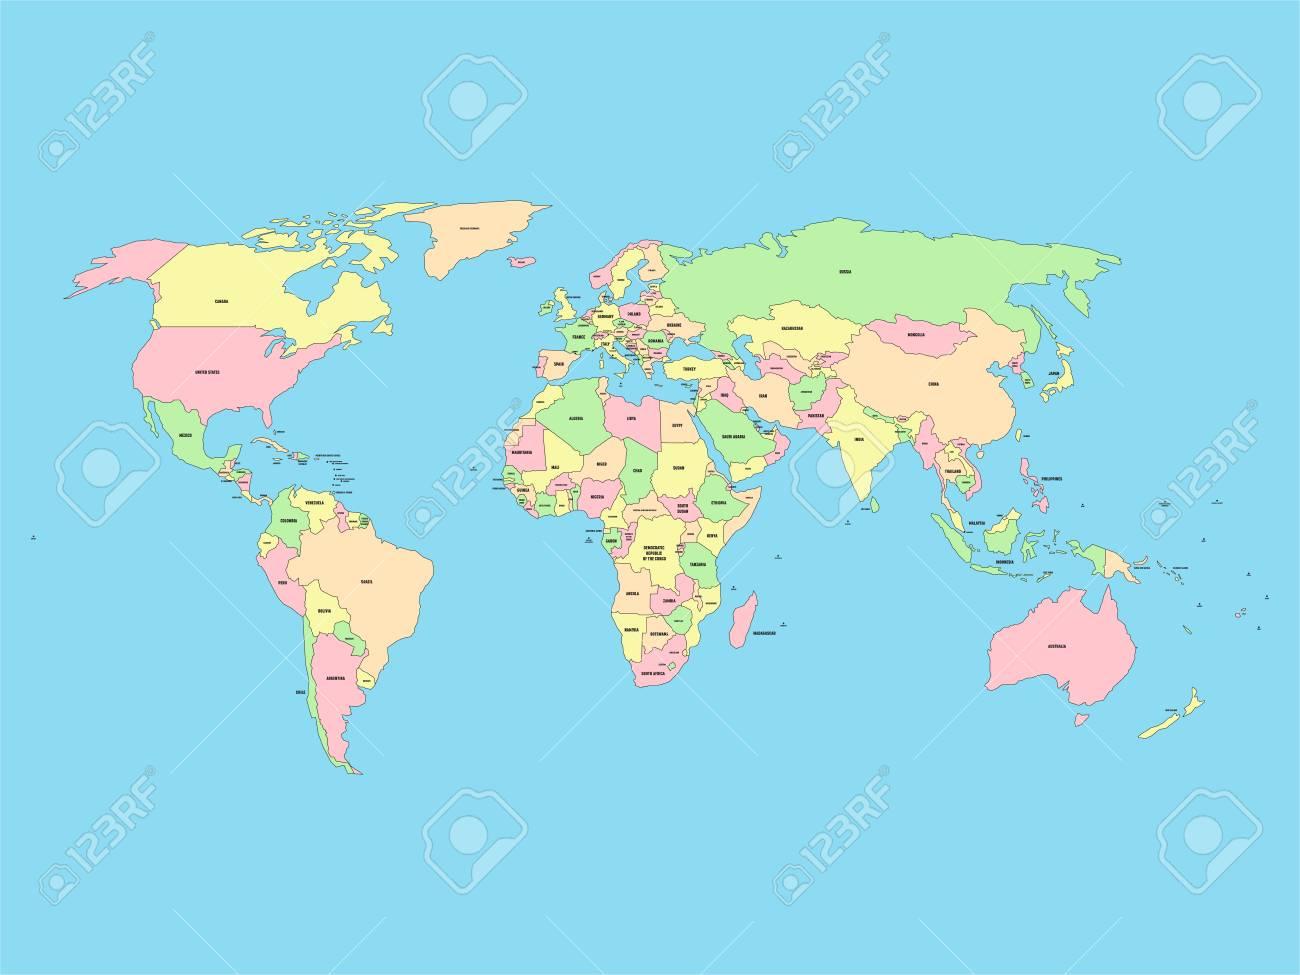 Cartina Del Mondo Con Nomi.Vettoriale Mappa Del Mondo Con Nomi Di Paesi Sovrani E Territori Piu Grandi Dipendenti Mappa Vettoriale Semplificata In Quattro Colori Su Sfondo Blu Image 80537864